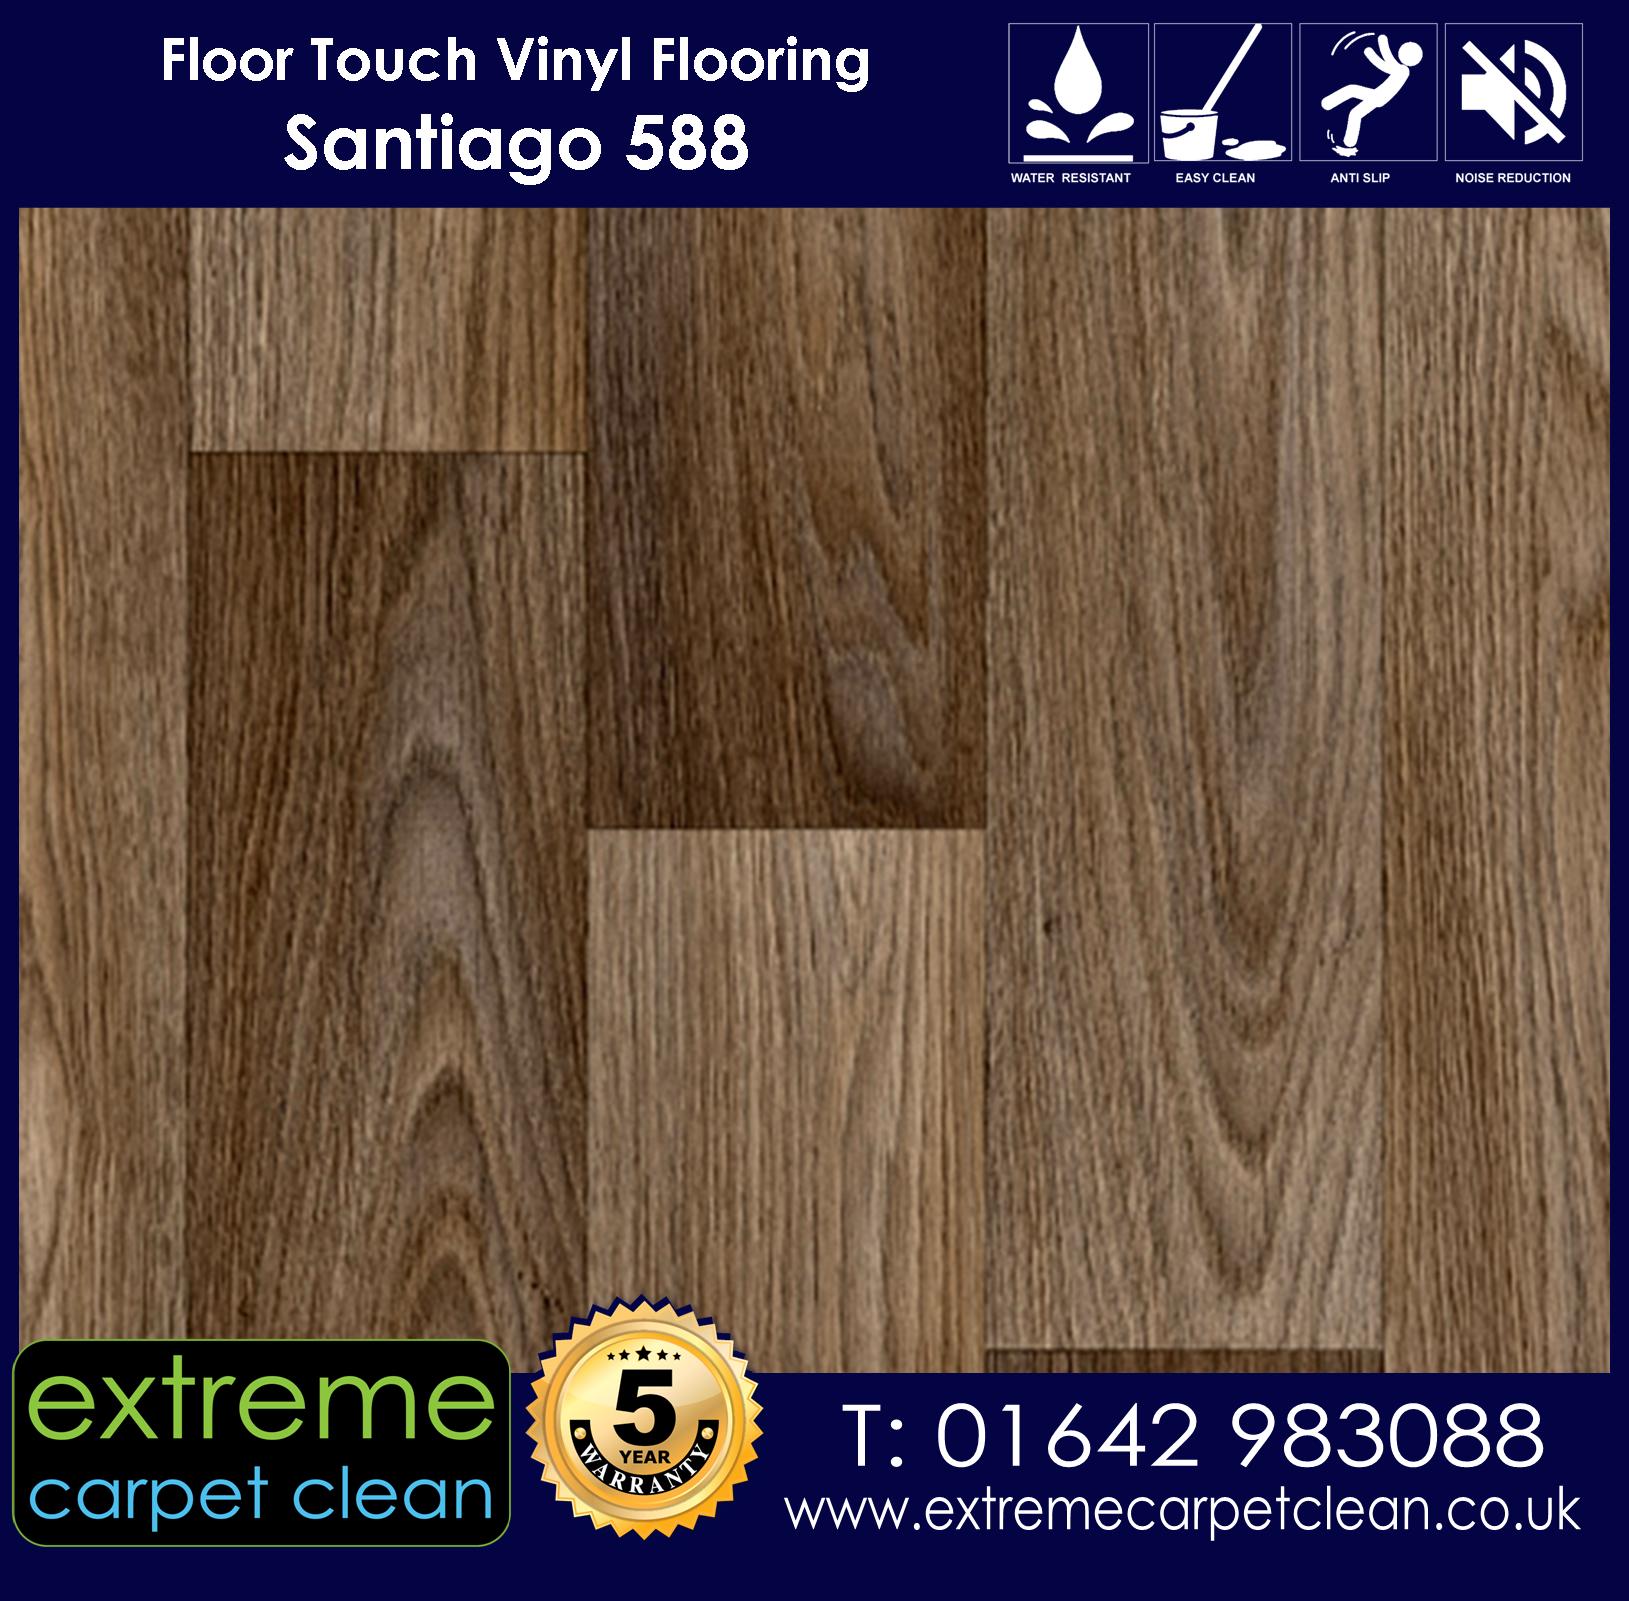 Extreme Carpet Clean. Vinyl Flooring. Santiago 588